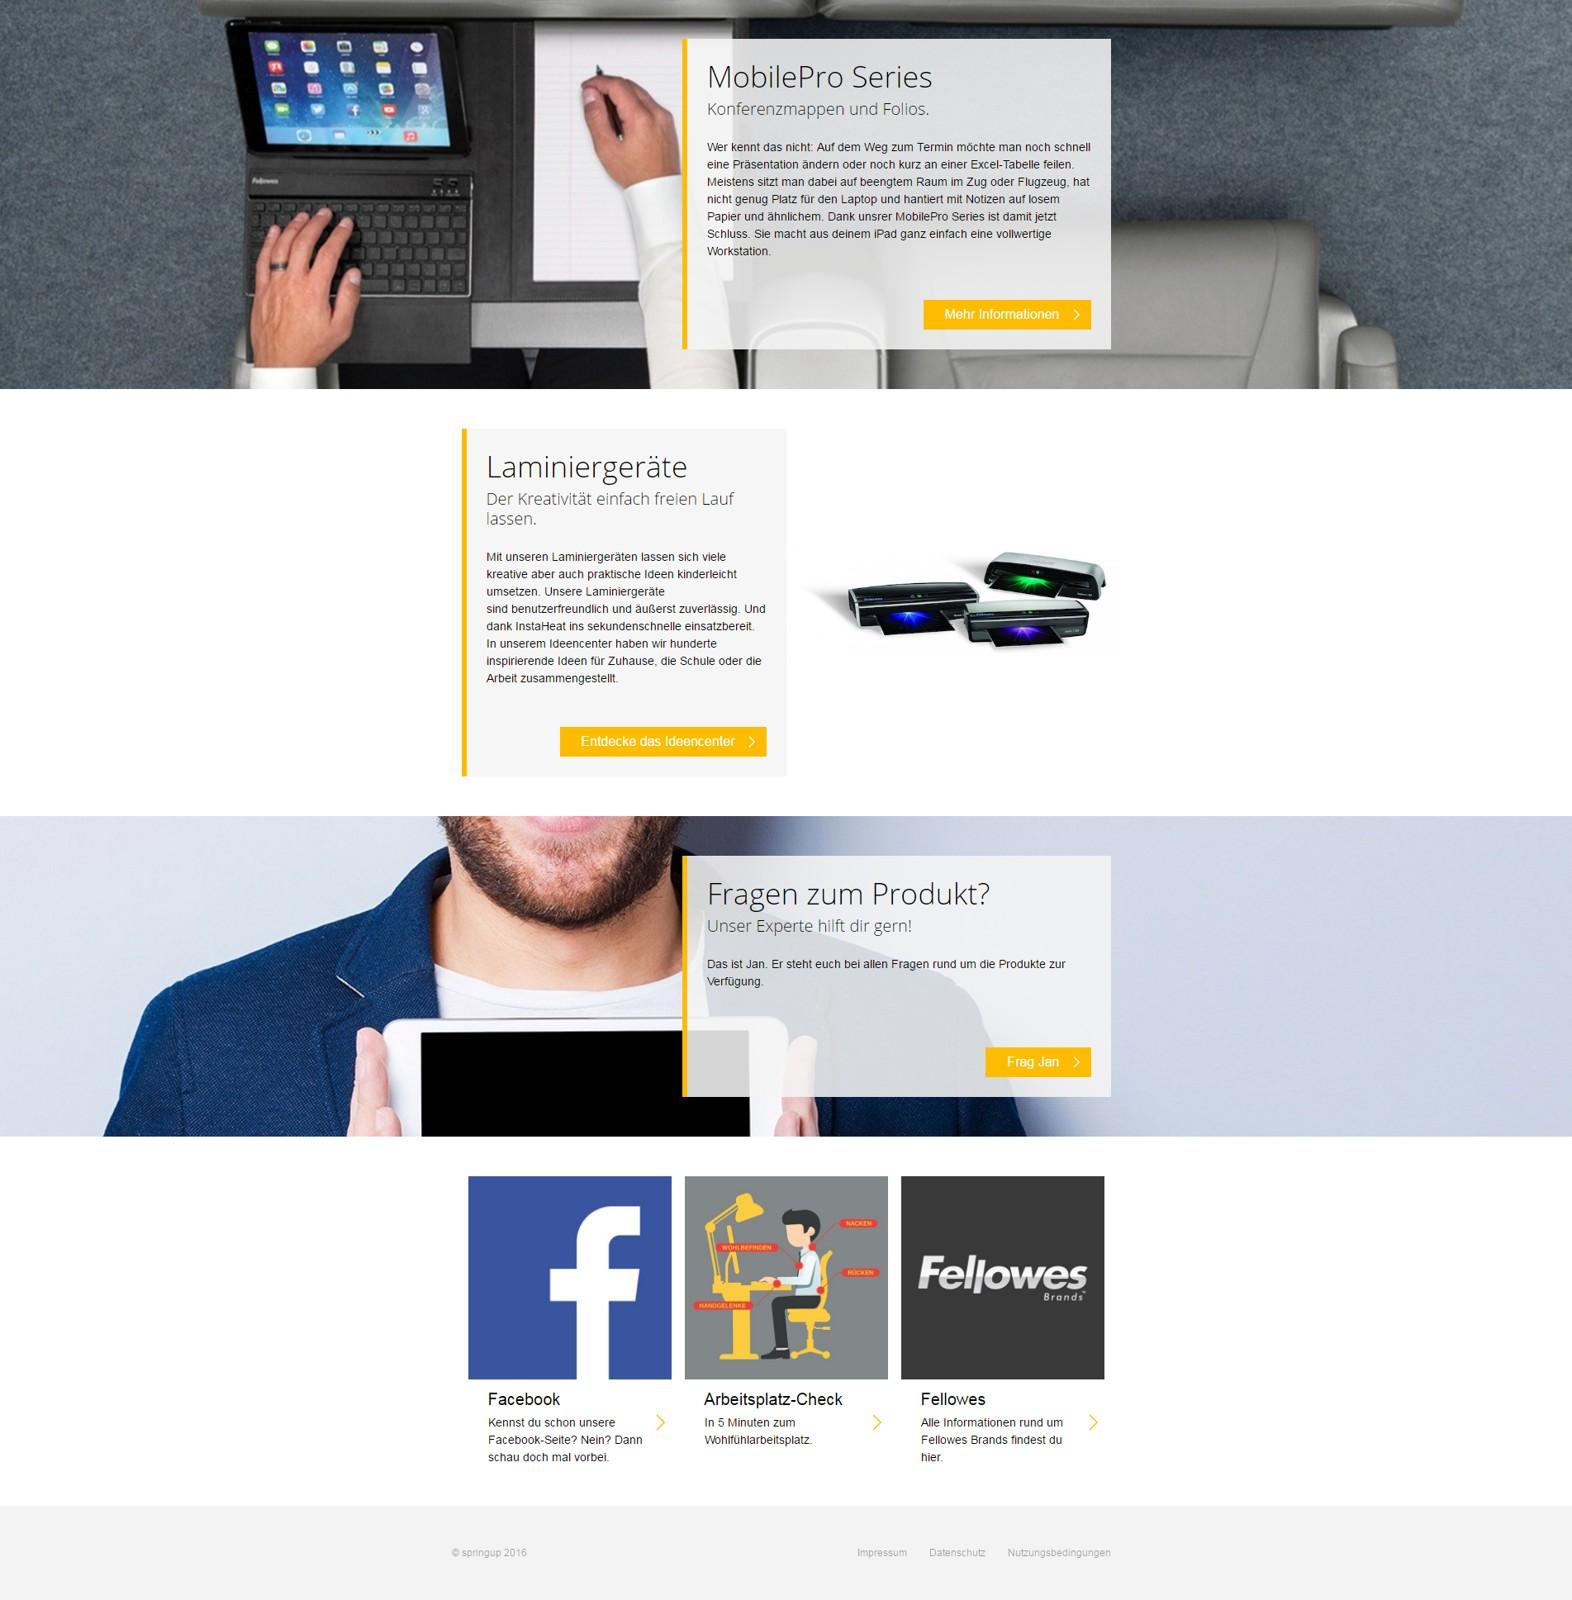 Wer sich für die Produkte von Fellowes interessiert, sollte auch einen Blick auf die neue Facebook-Seite des Unternehmens werfen.